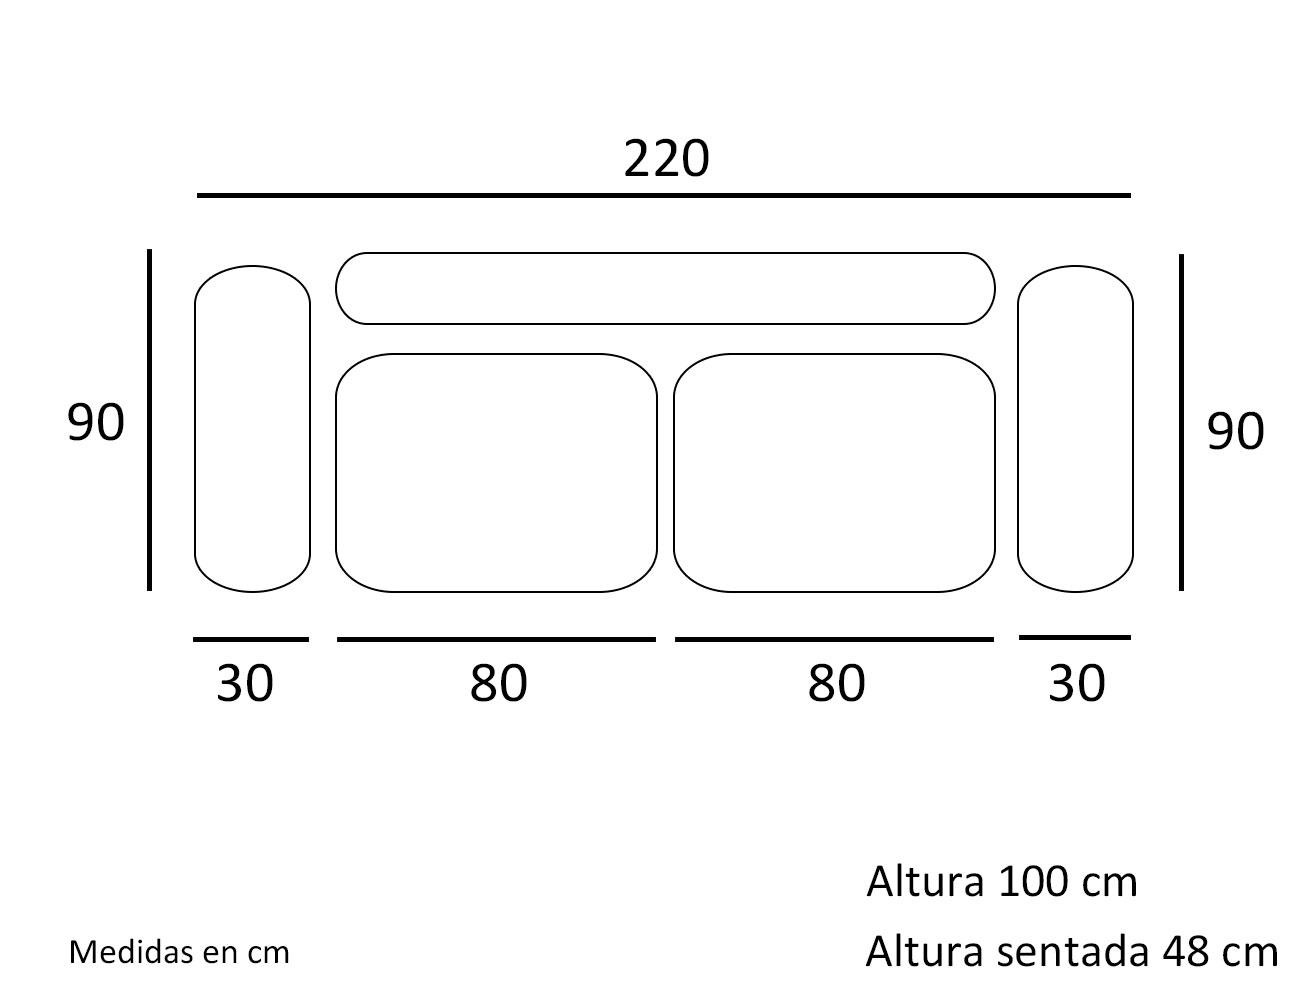 Croquis sofa 3 plazas 220